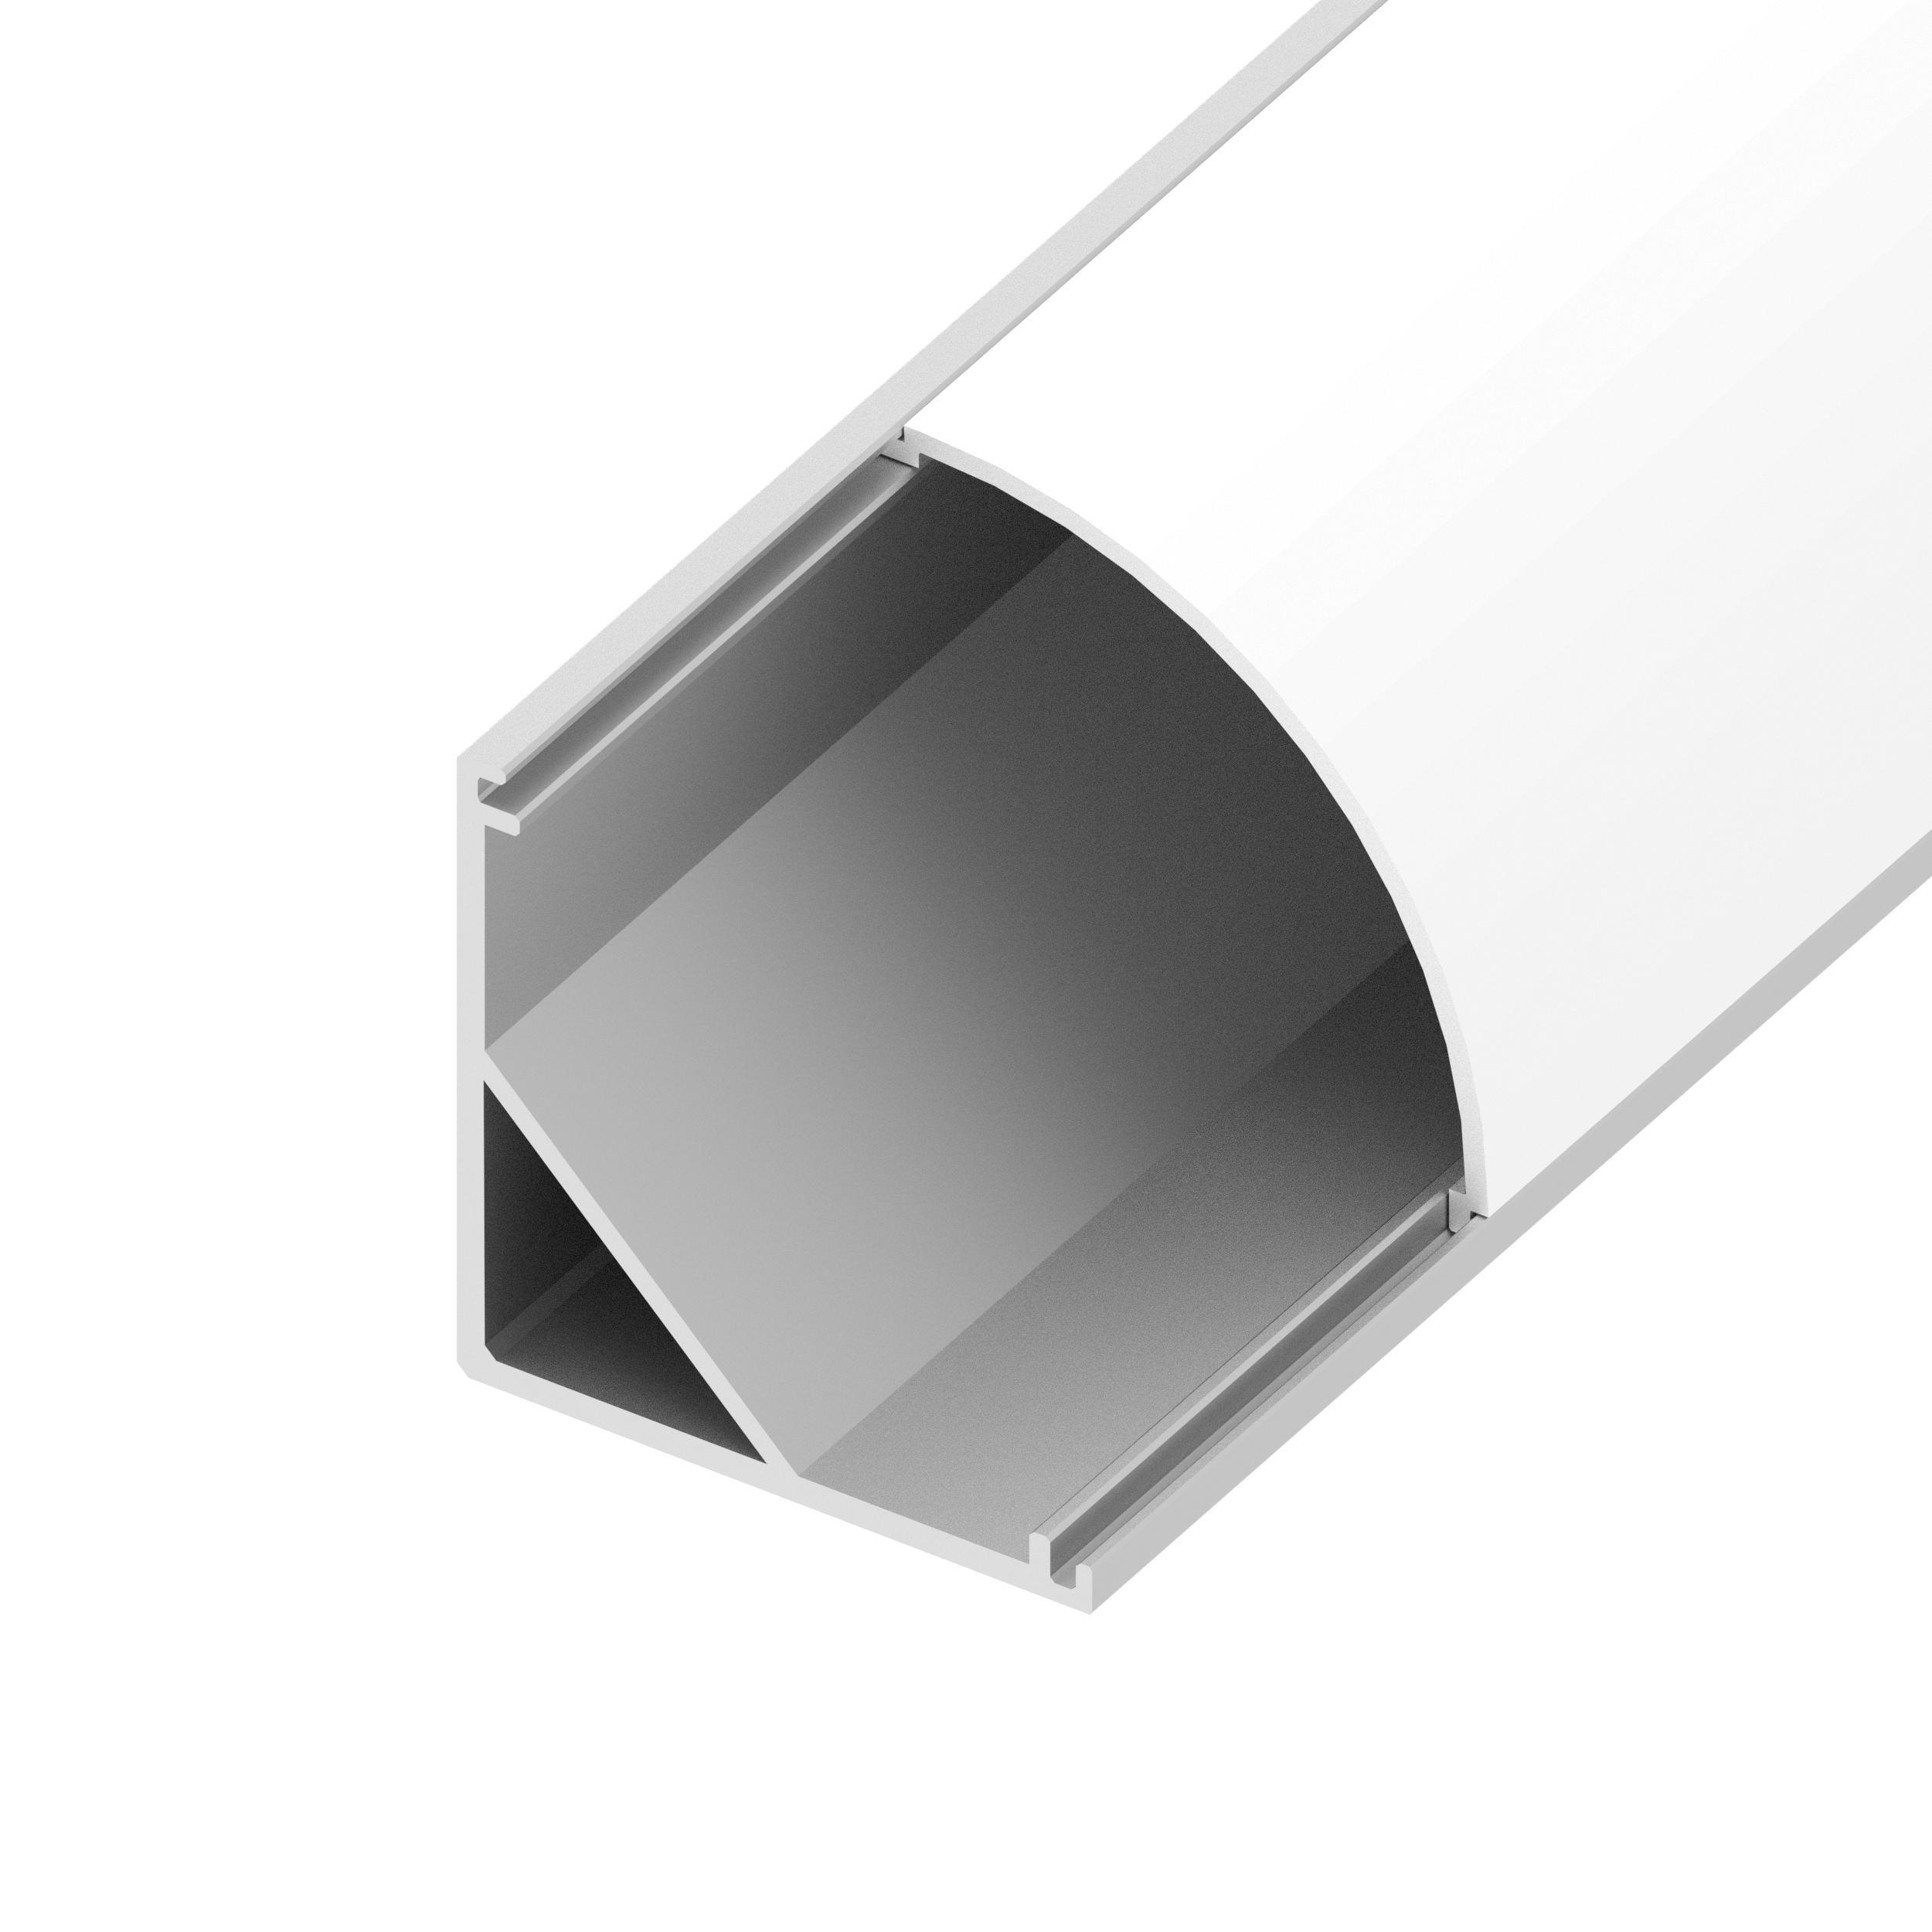 CHROMAPATH® Bundle: 20mm ROUNDED CORNER